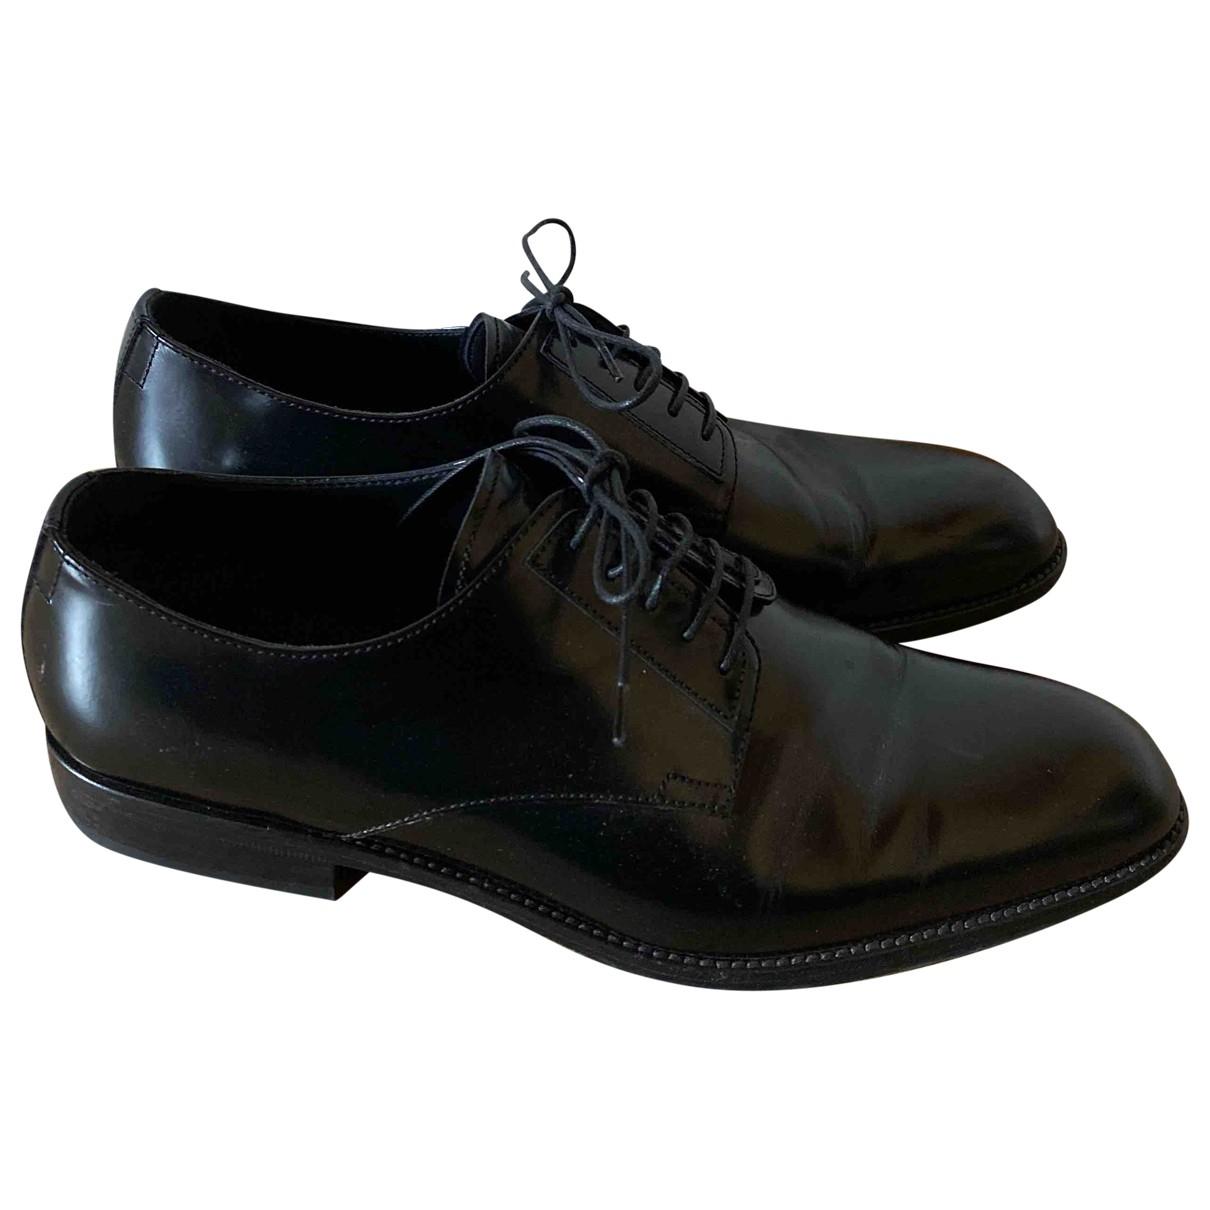 Ermanno Scervino \N Black Leather Lace ups for Men 42 EU